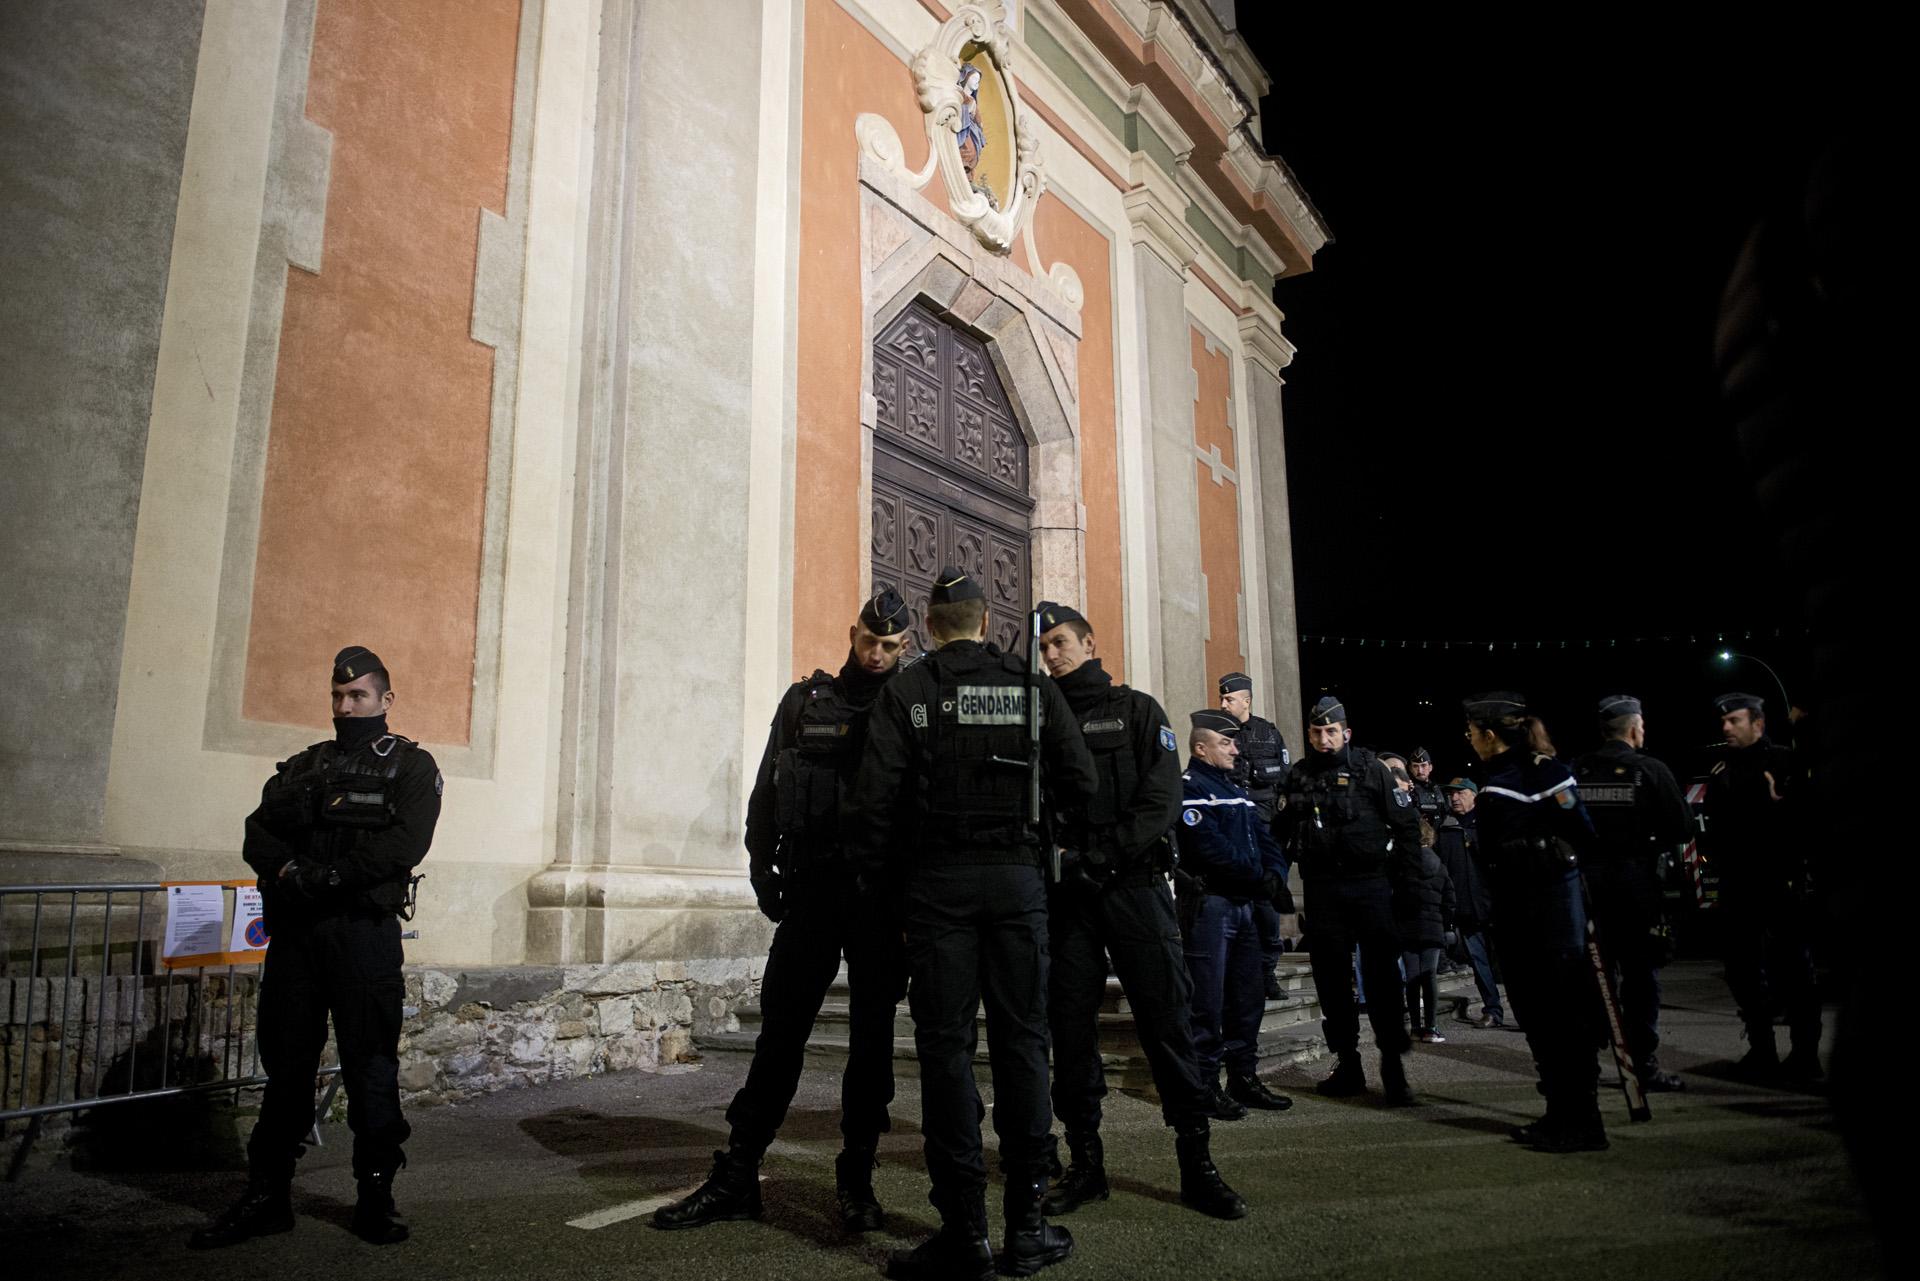 Le maire, en vacances, refuse de mettre une salle à disposition des migrants. L'évêque alerté par les membres de Roya Citoyenne accepte, lui d'ouvrir l'église du village. Juste en face, le responsable de la salle de prière musulmane est aussi prêt à accueillir les migrants. Mais la police se déploie en force sur ordre de la préfecture et bloque les accès de la salle de prière et de l'église Santa-Maria-in-Albis.